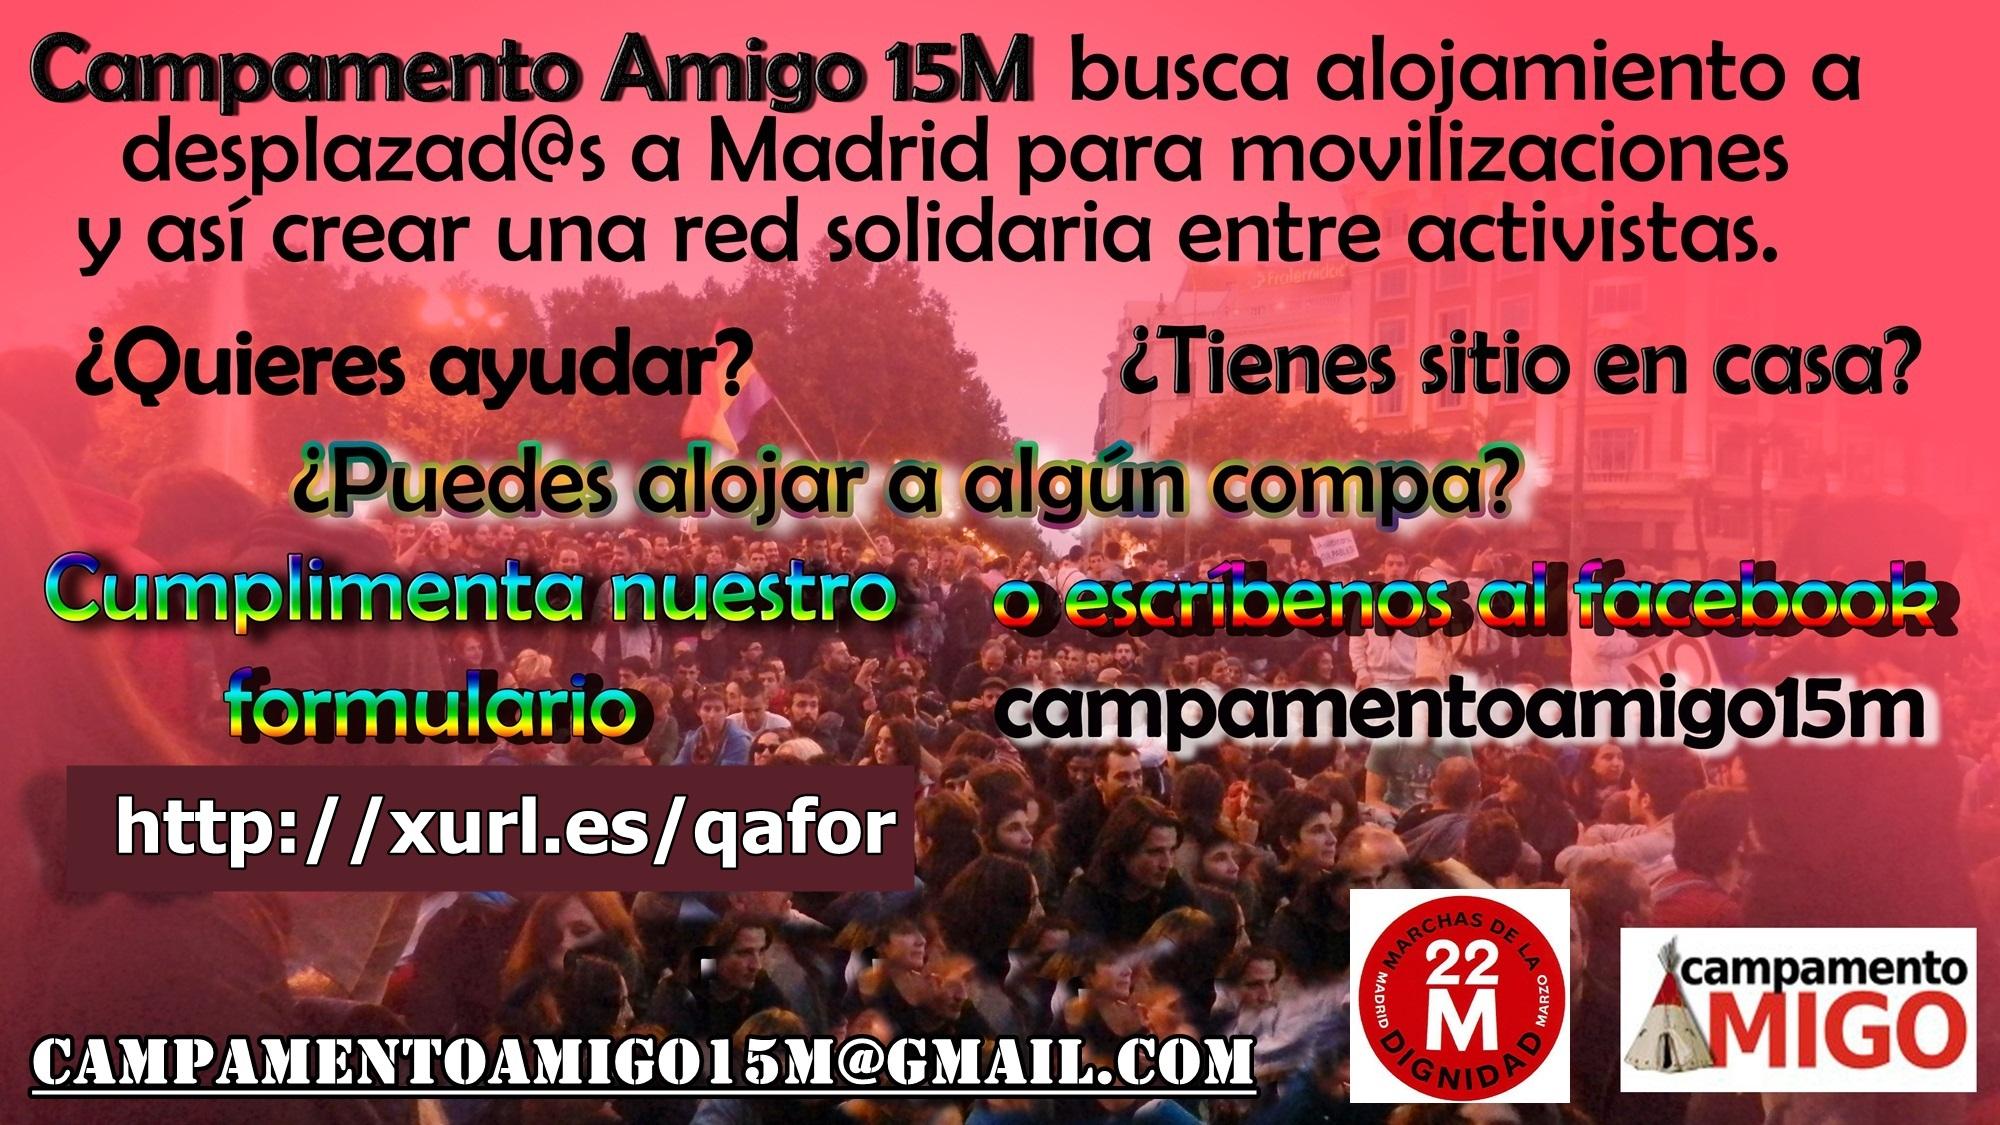 Campamento Amigo - Red Solidaria de Alojamiento - #22M